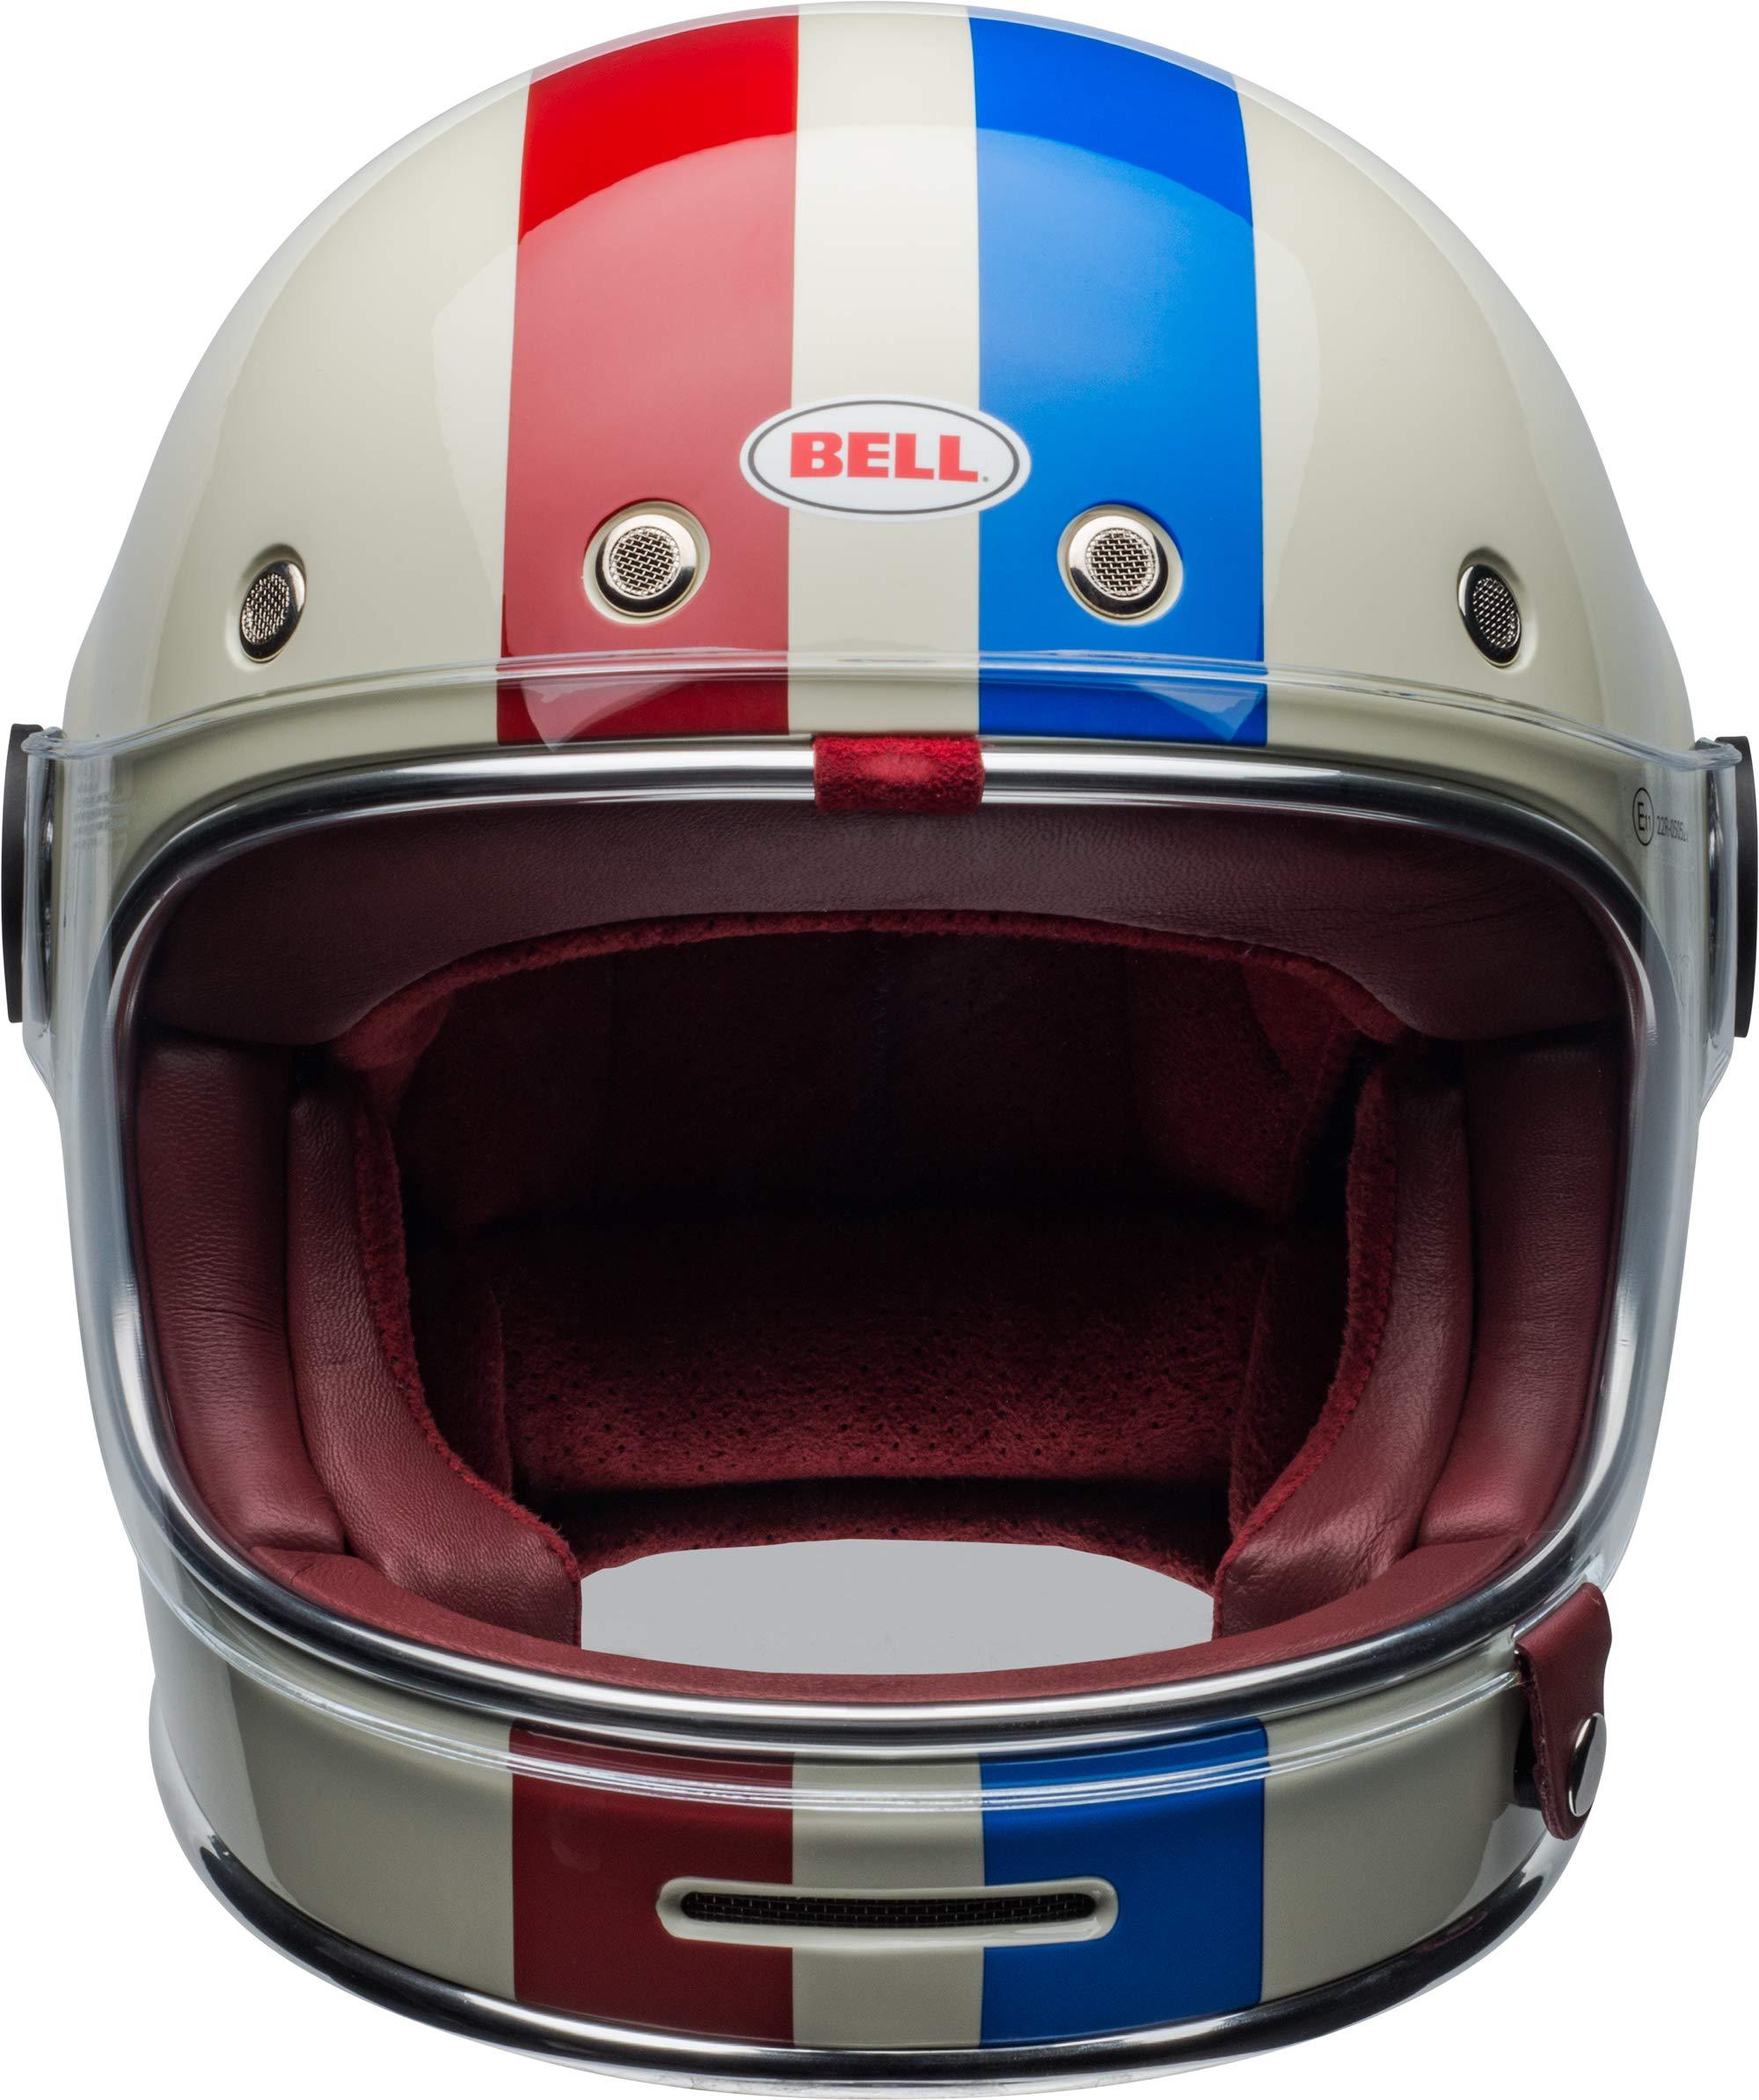 Bell Bullitt Helmet - Command (X-SMALL) (GLOSS VINTAGE WHITE/RED/BLUE) by Bell (Image #8)